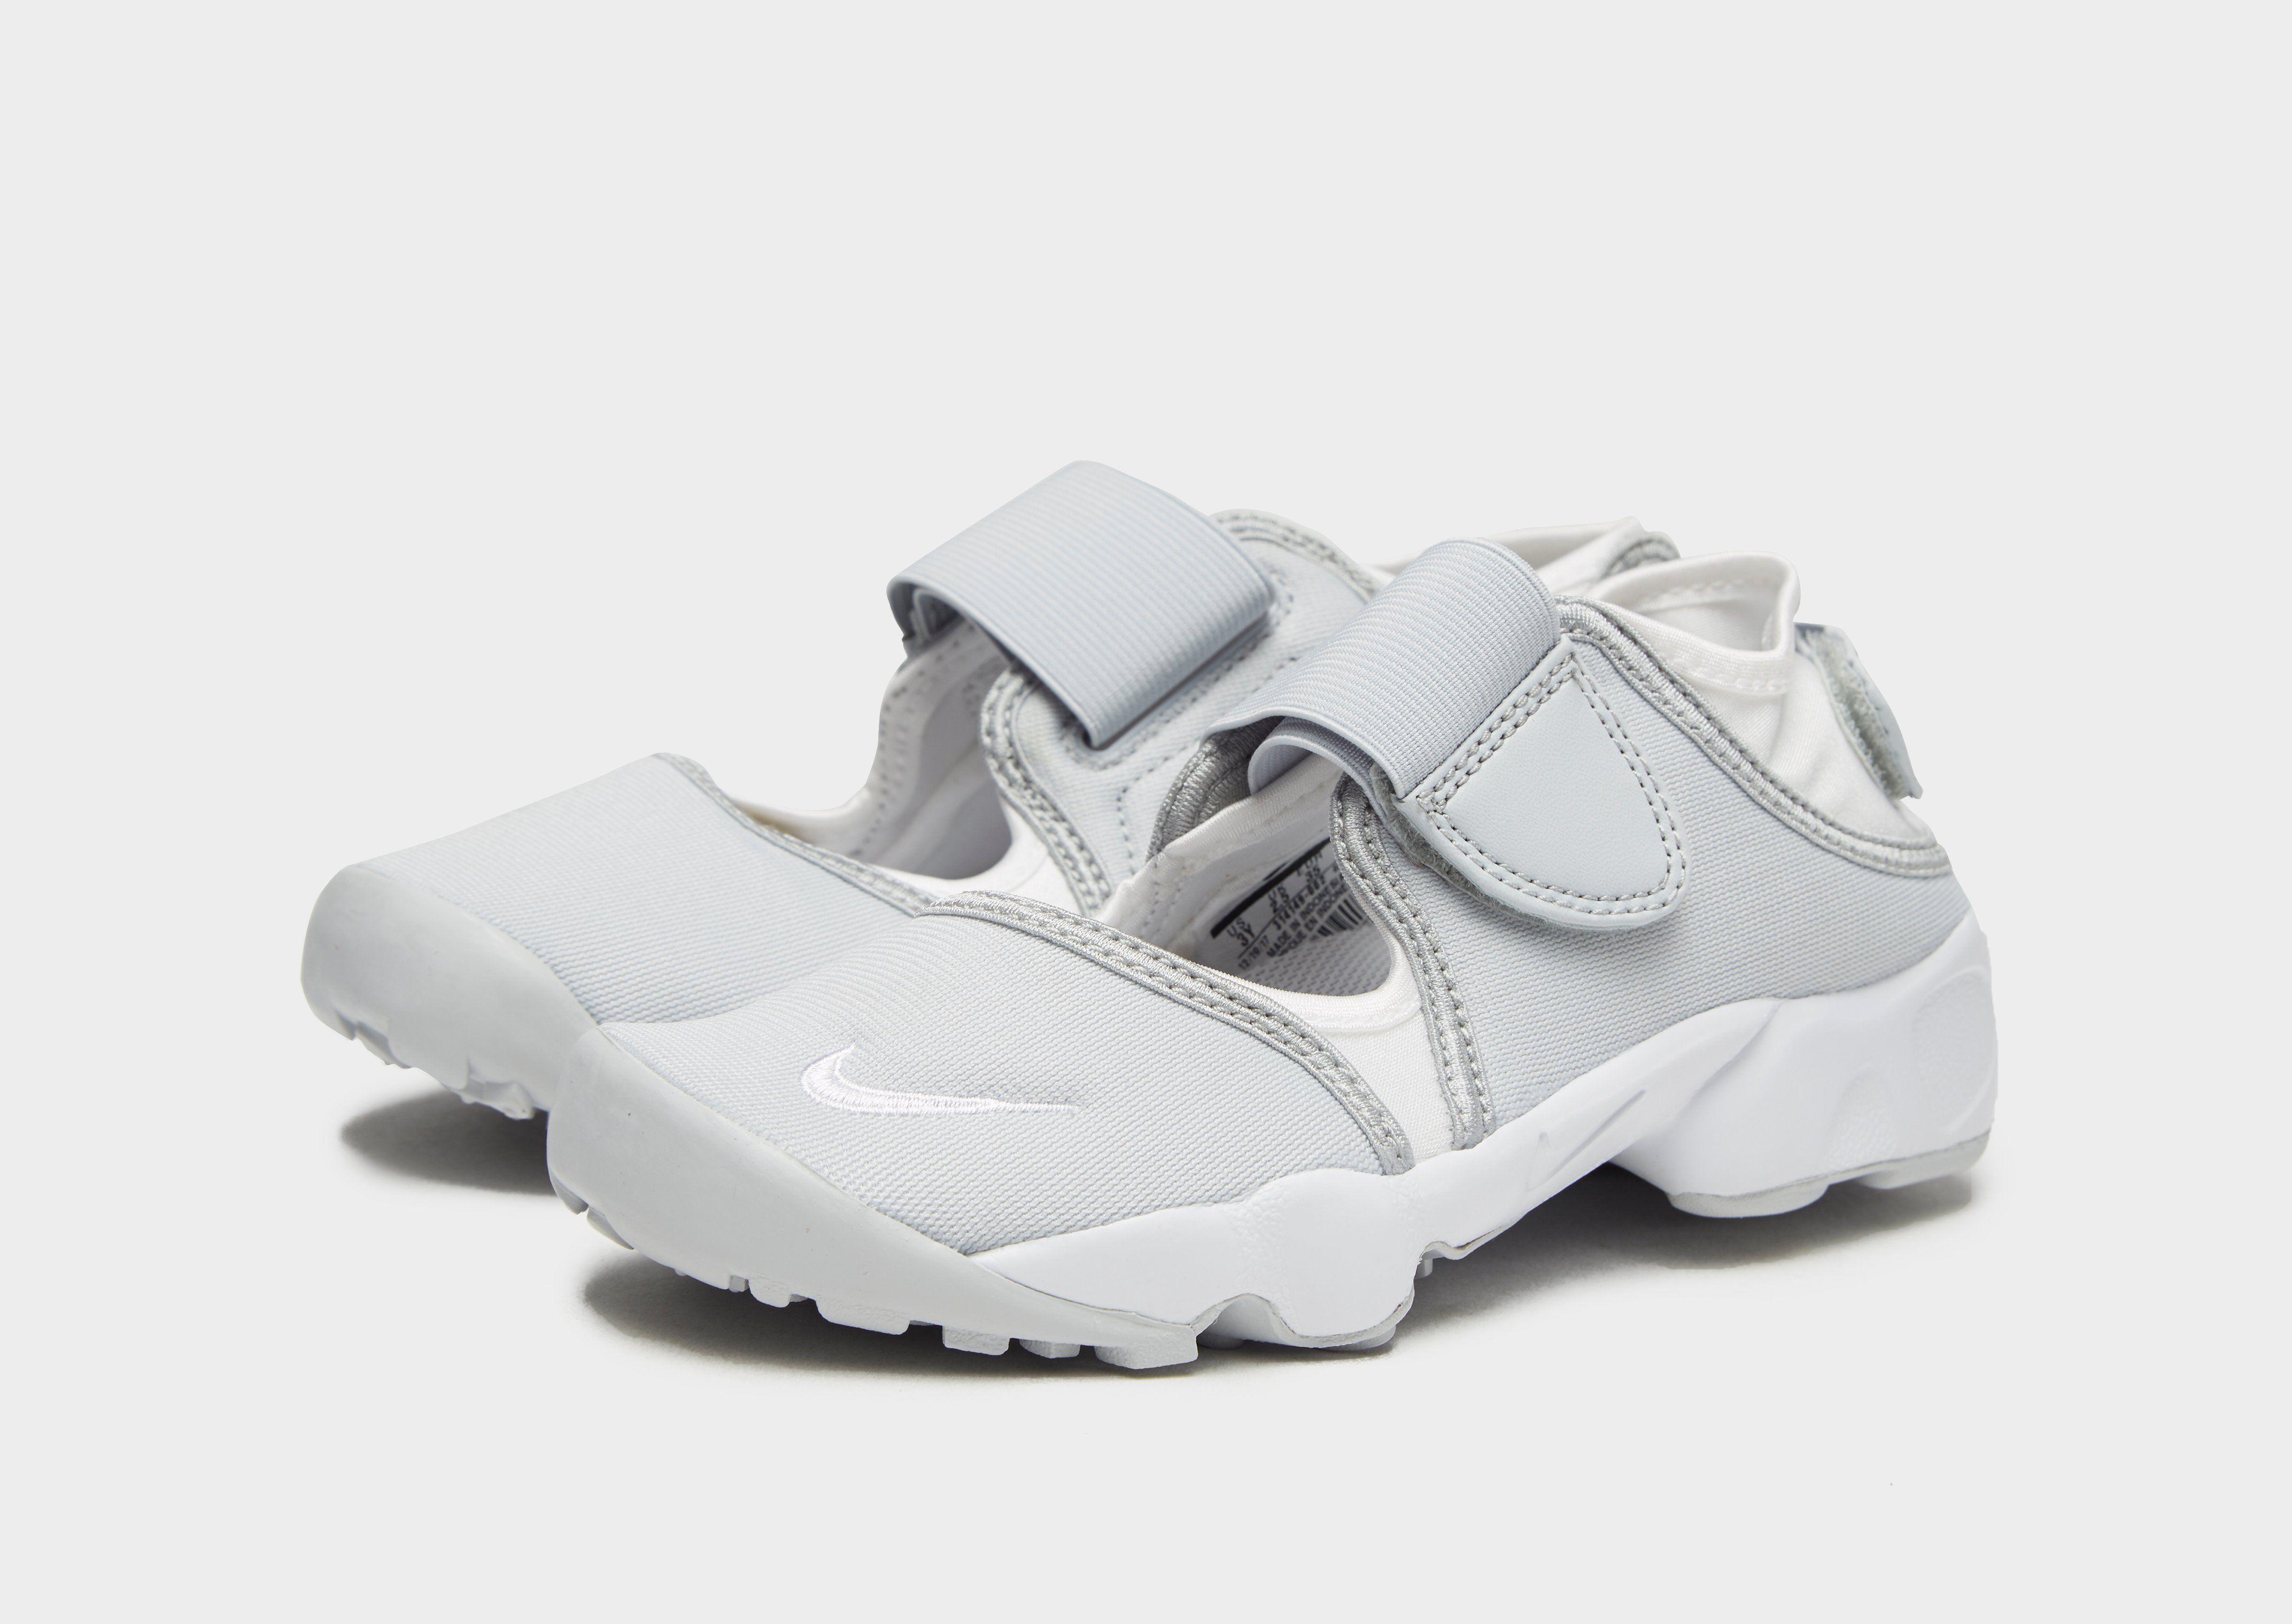 Nike Rift Children Grau Spielraum Geniue Händler Meistverkauft jHUPRSt